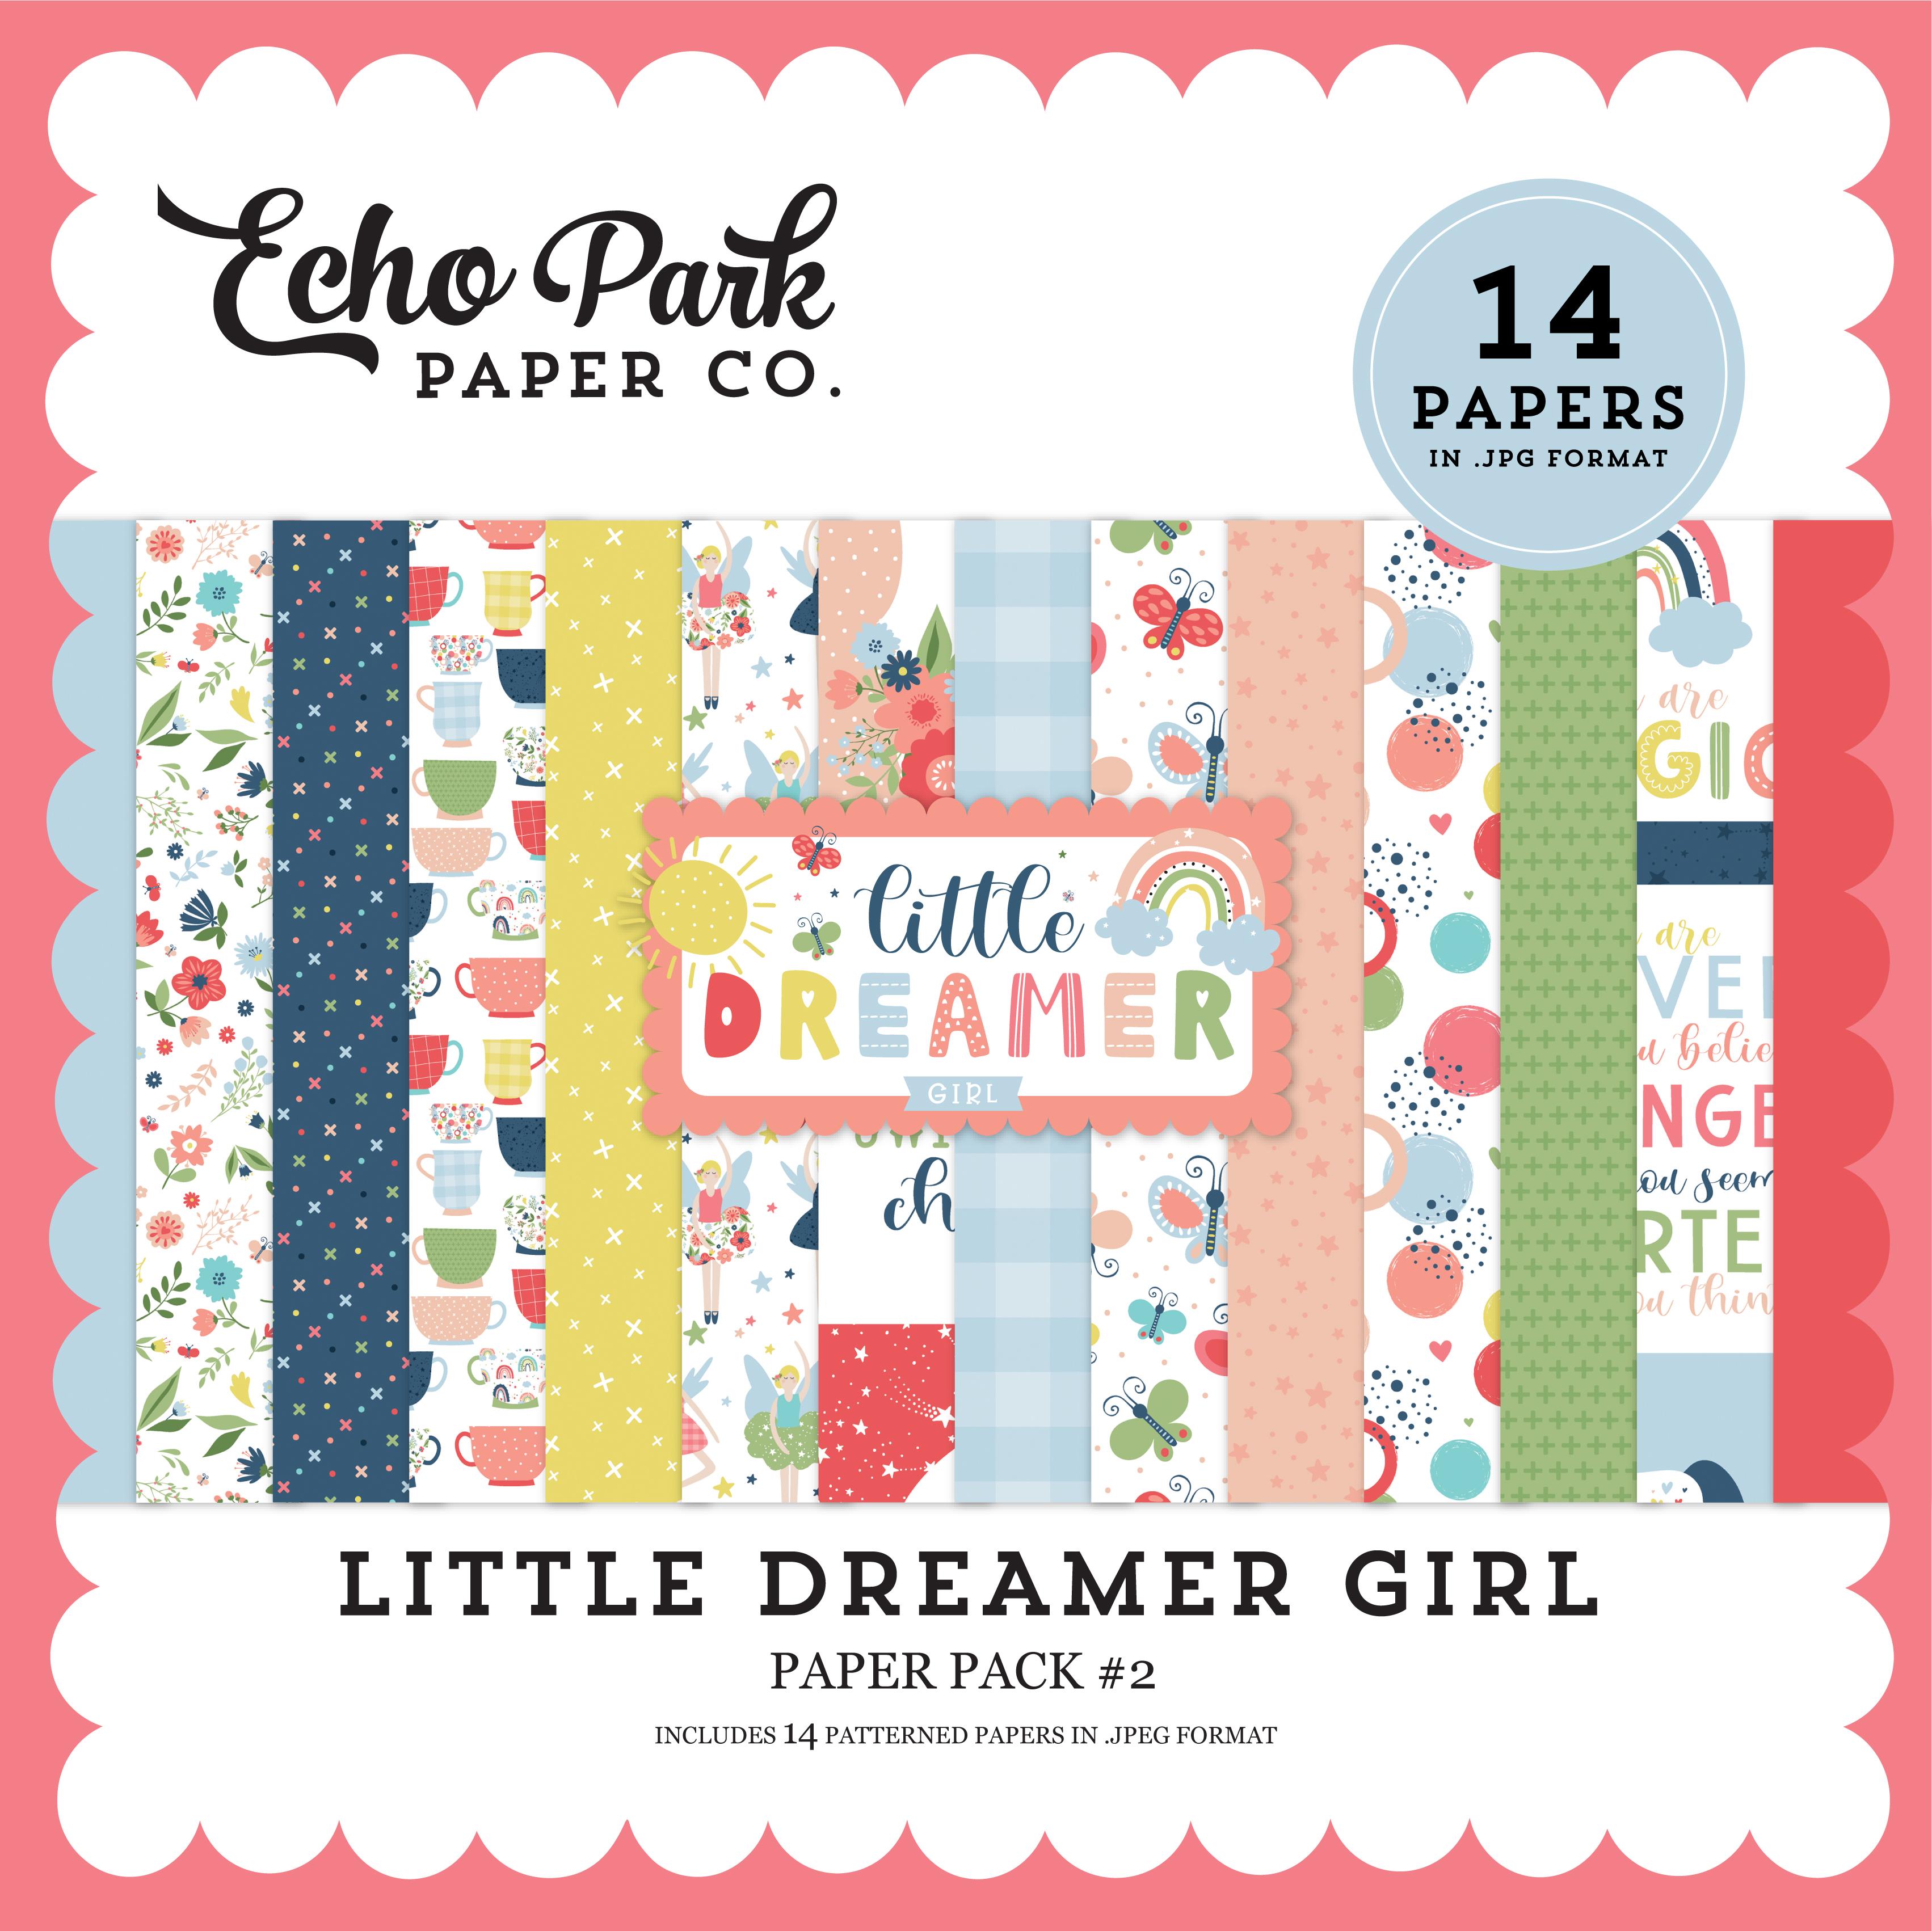 Little Dreamer Girl Paper Pack #2